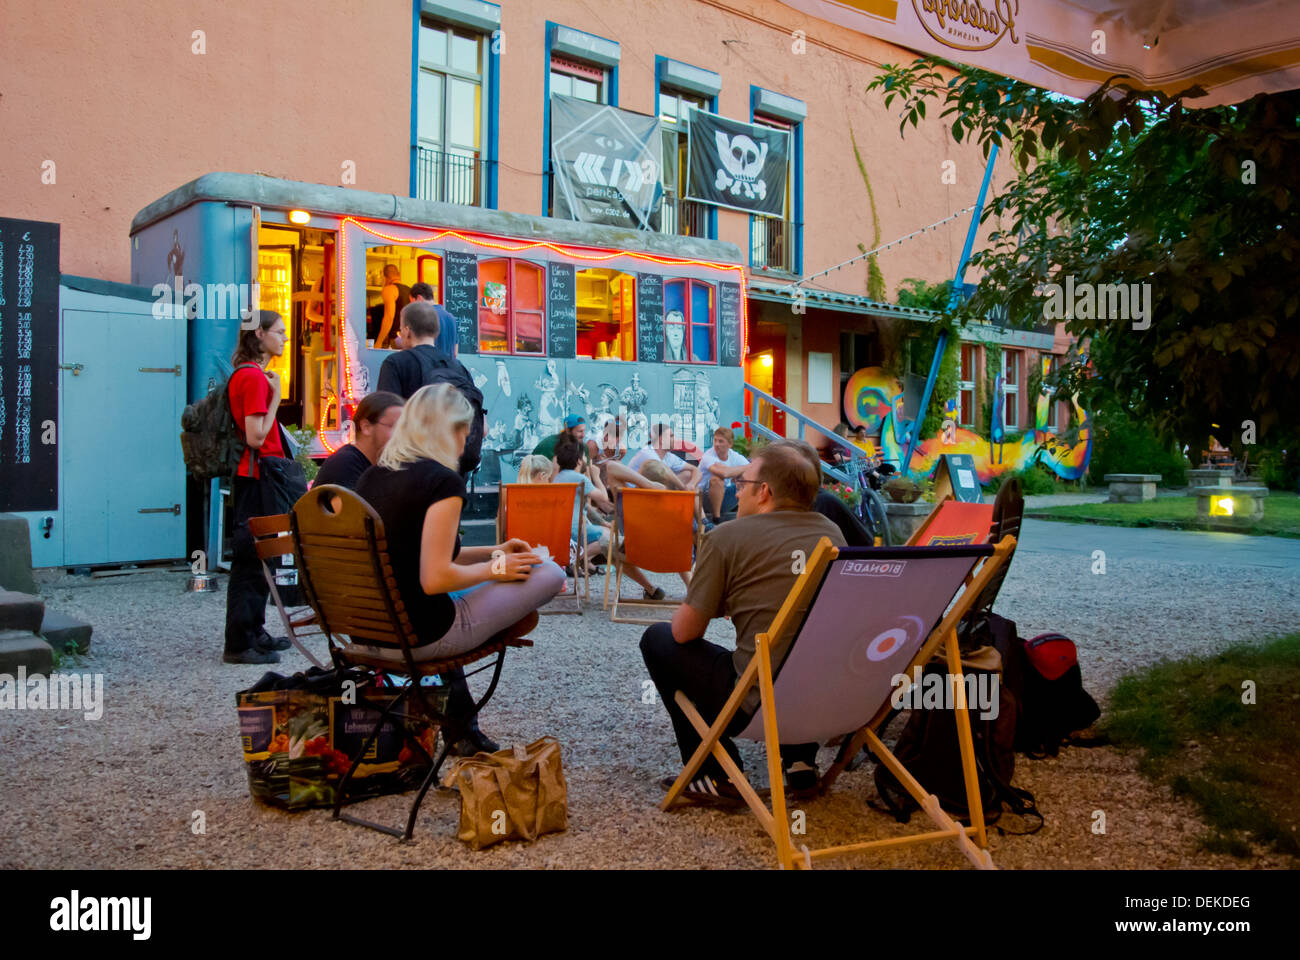 Scheune bar y centro de entretenimiento en la zona nueva de la ciudad de Neustadt Dresden City Sajonia Alemania oriental Europa central Imagen De Stock